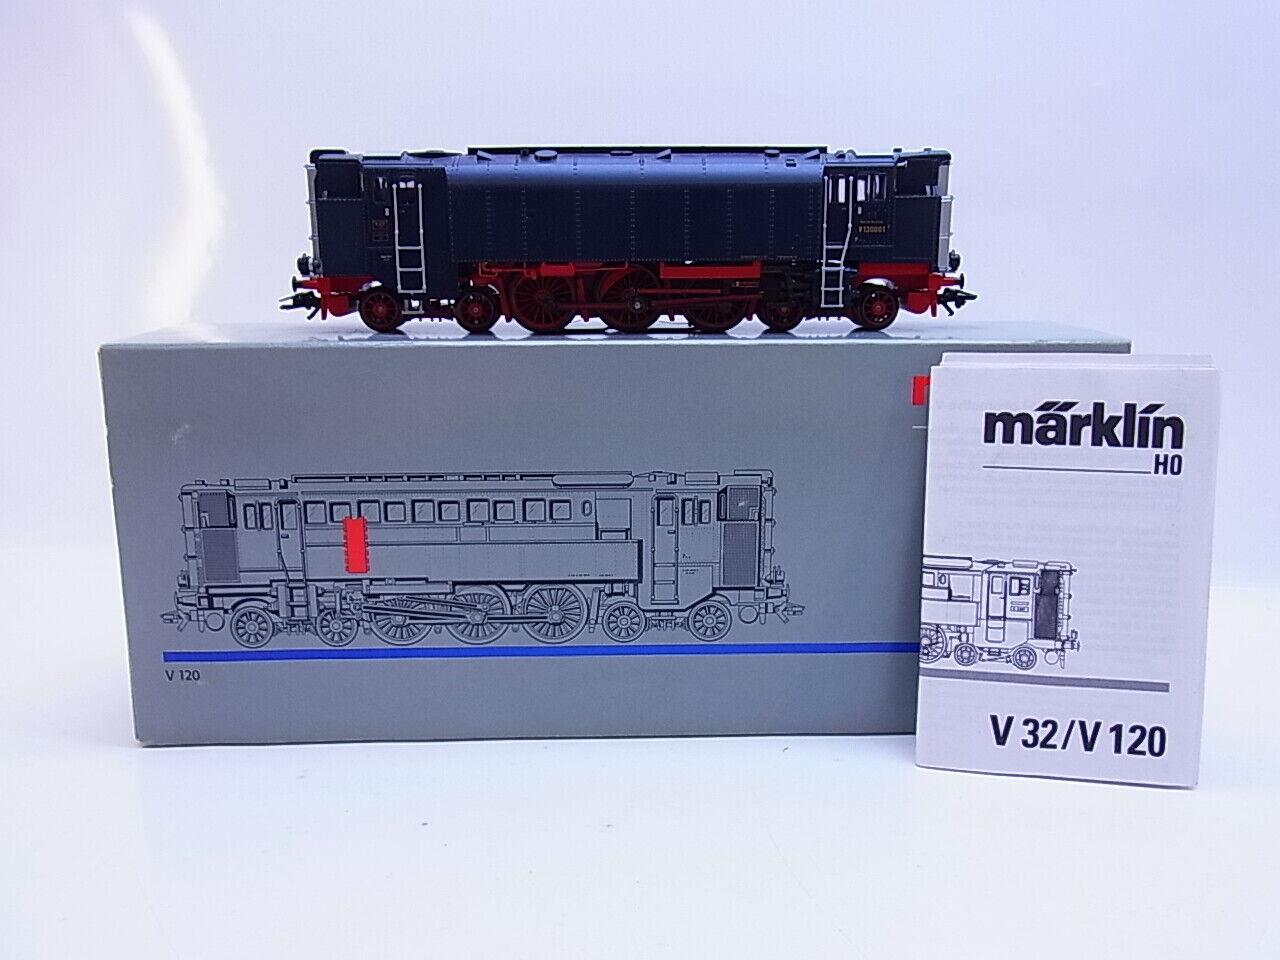 56615   Märklin h0 diesel-hidráulicas Lok V 120 serie especial mhi digital en OVP